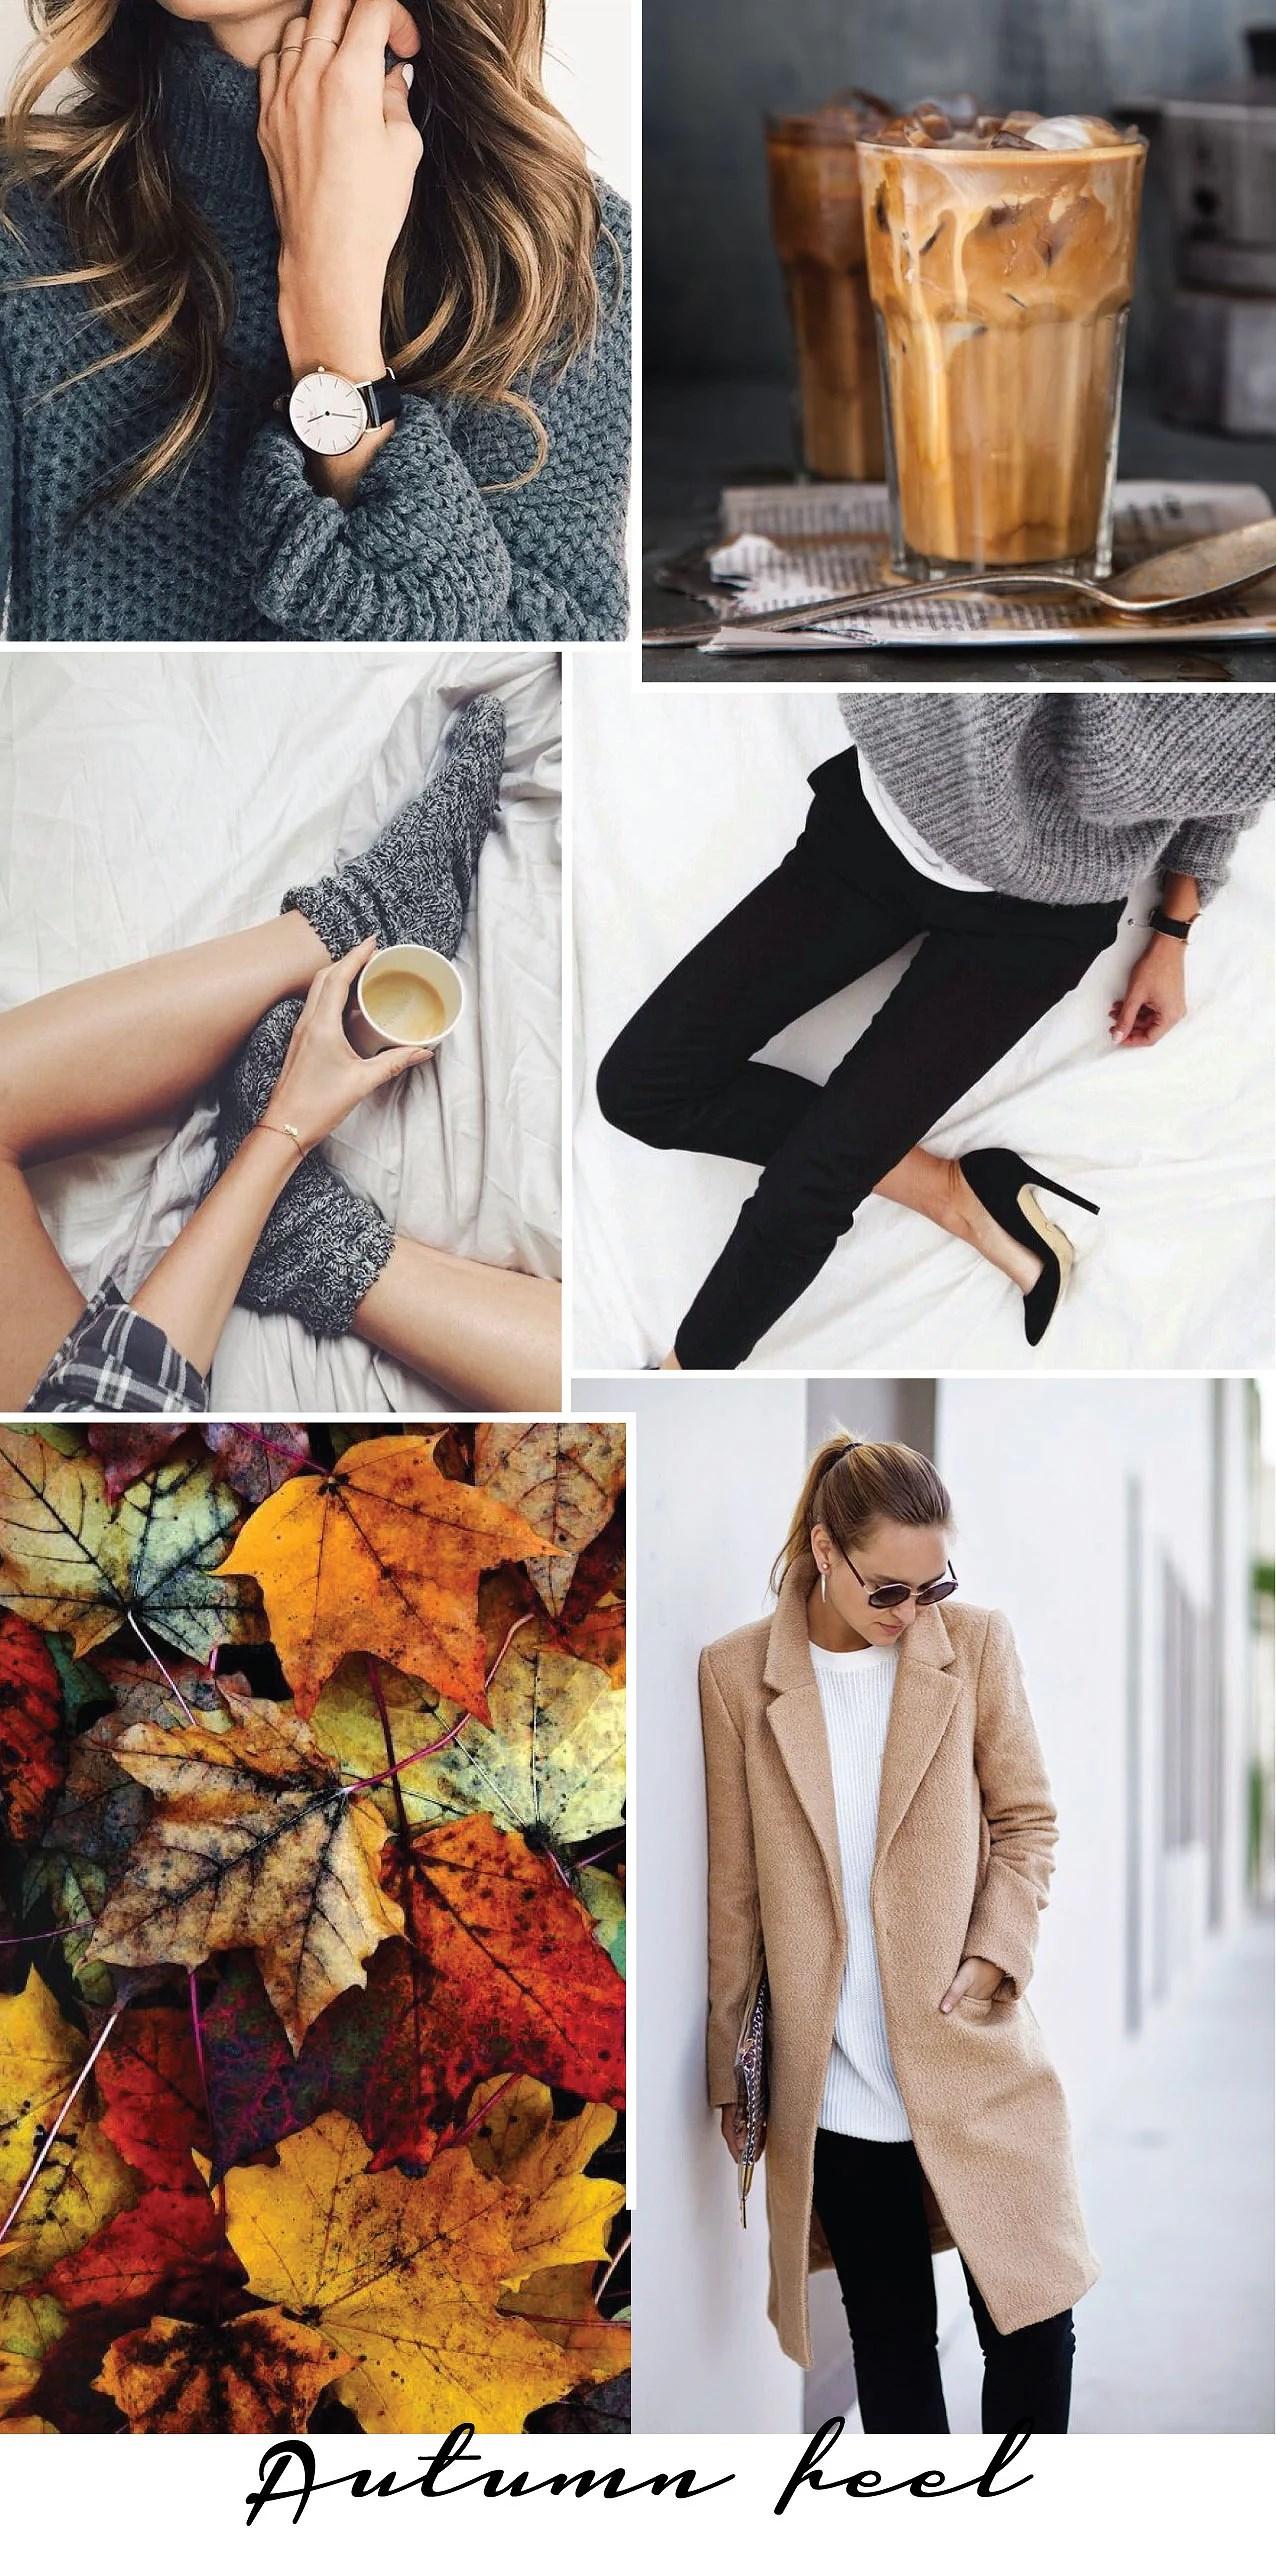 Efterårshygge, Efterår, Efterårsstrik, striktrøjer, Lækre striktrøjer, It's My Passions, Mode, Modeblogger